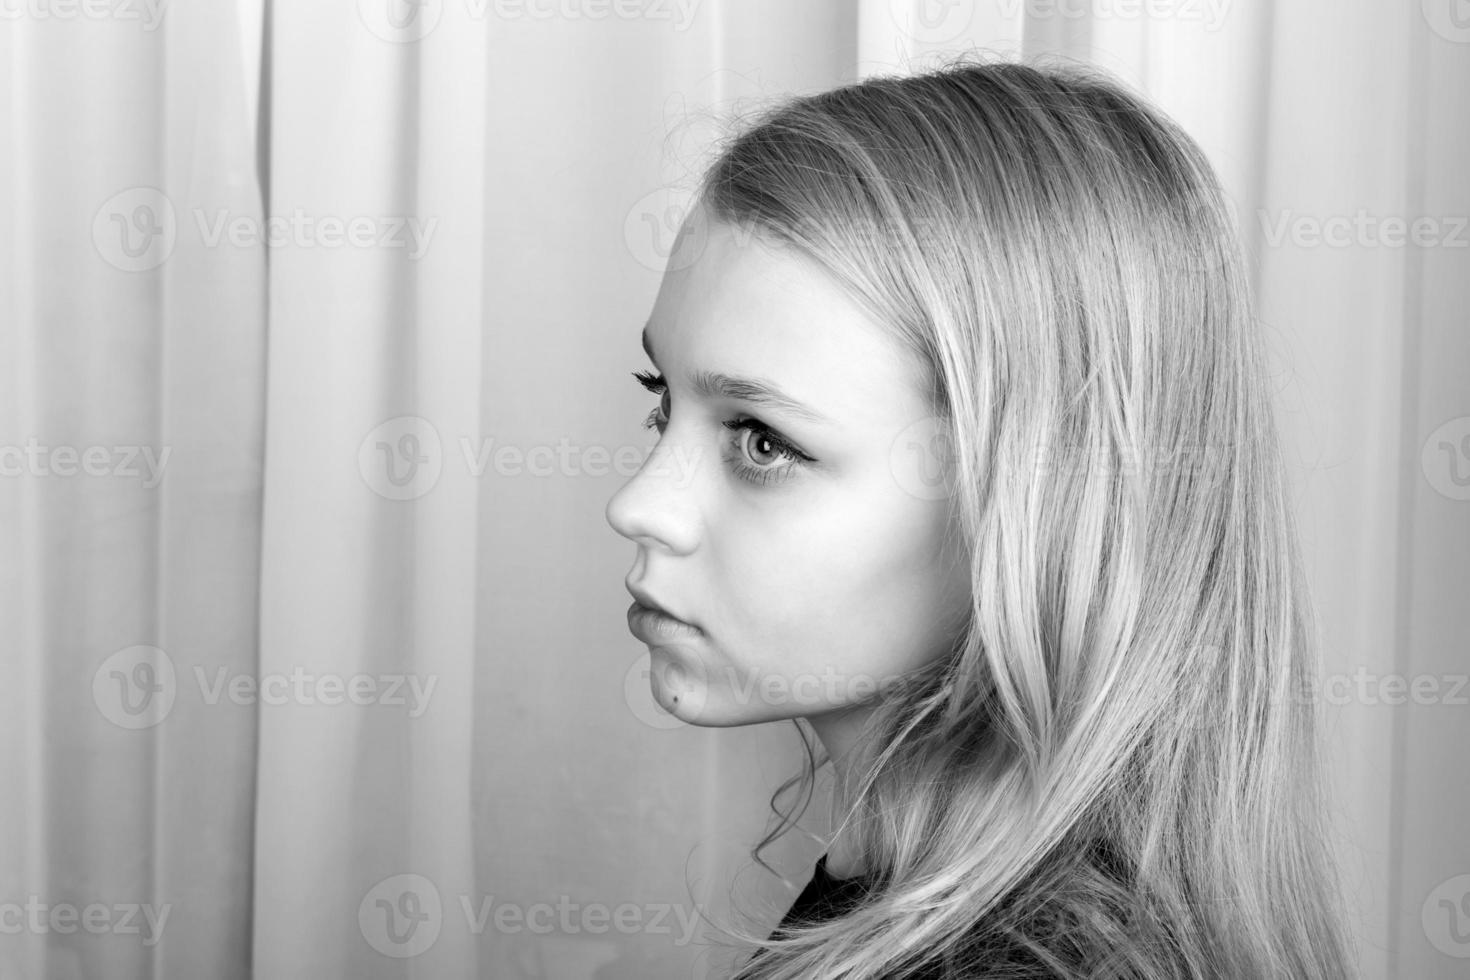 allvarlig blond kaukasisk flicka, monokrom stående foto